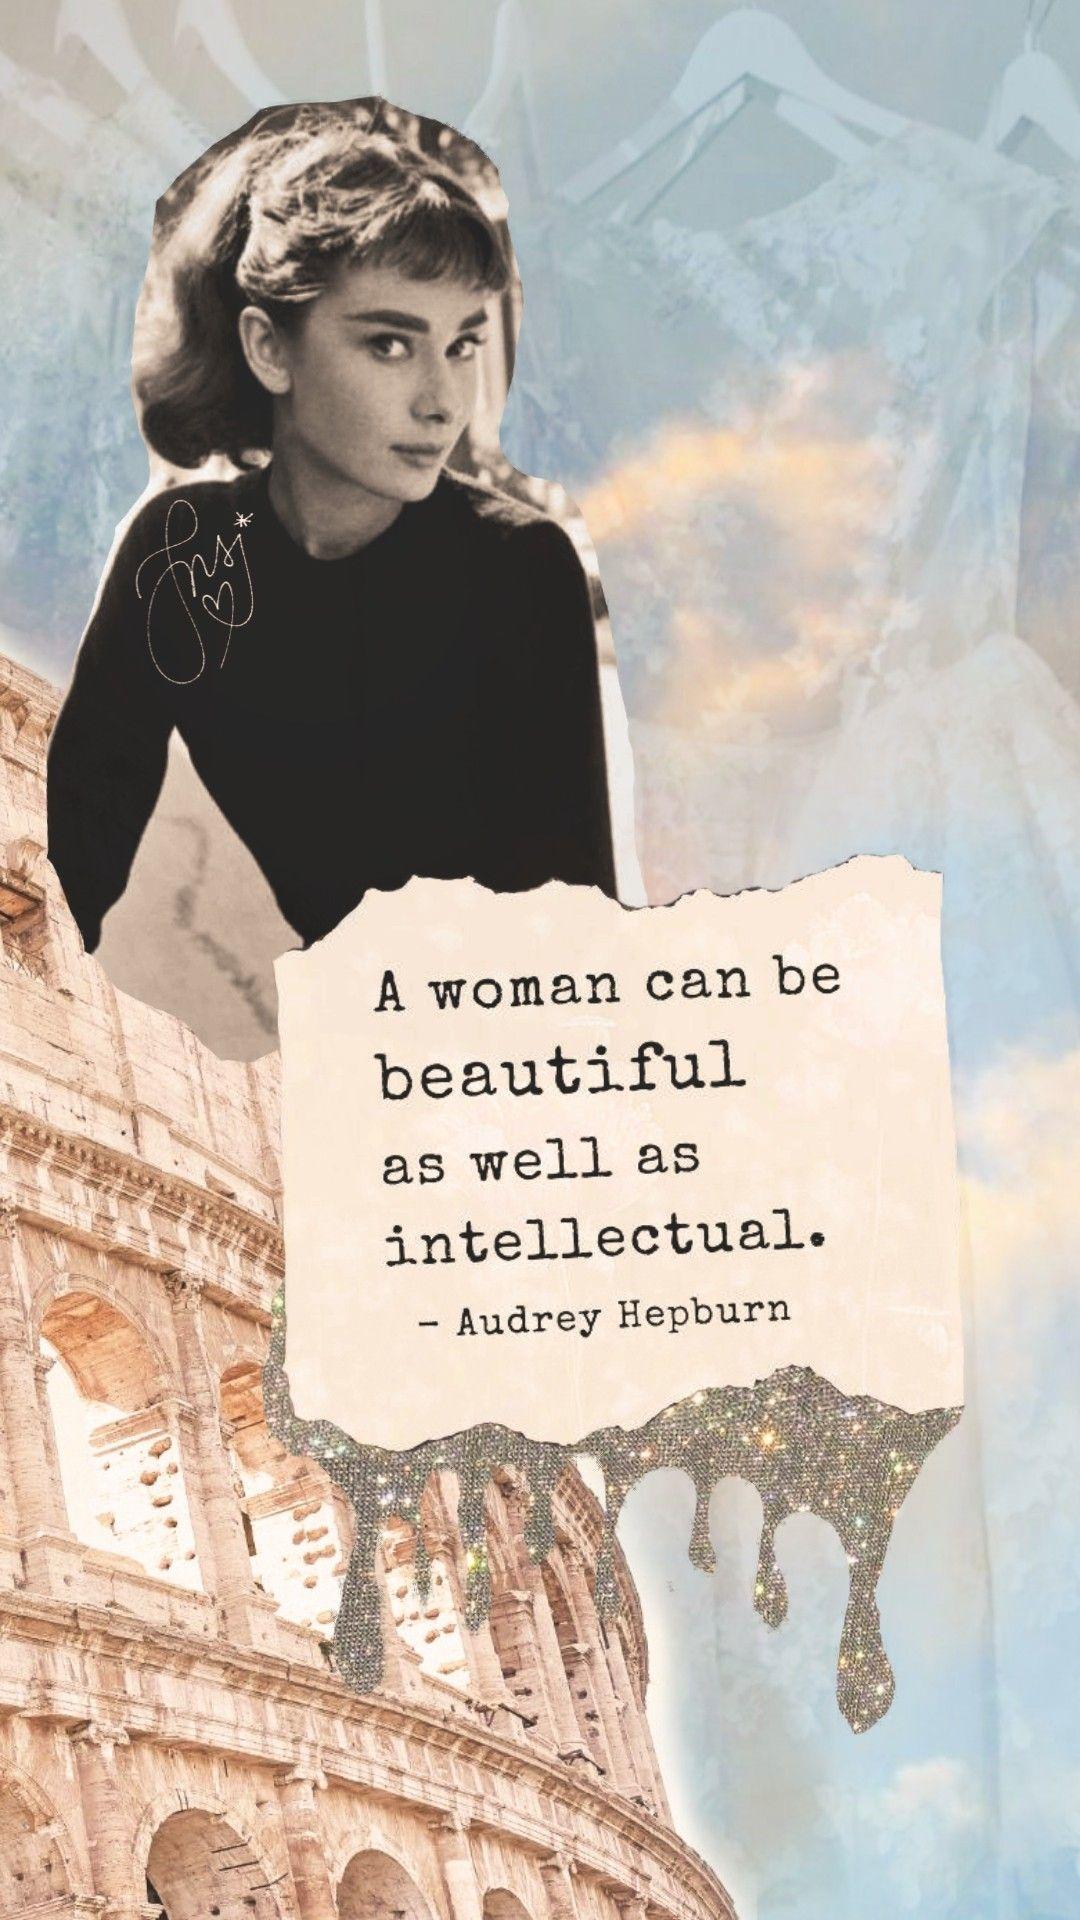 Audrey Hepburn In 2020 Audrey Hepburn Wallpaper Audrey Hepburn Quotes Audrey Hepburn Photos